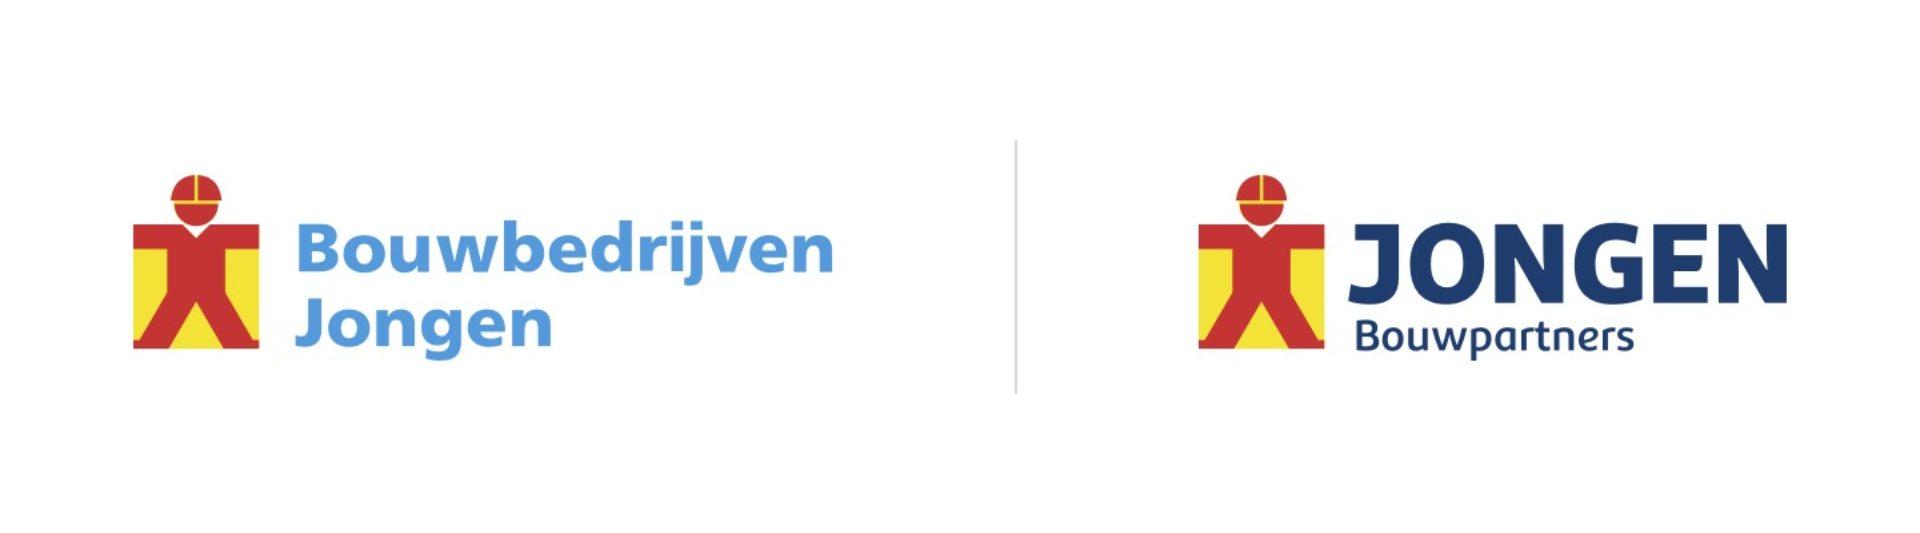 Jongen oud nieuw logo - Rene Verkaart)